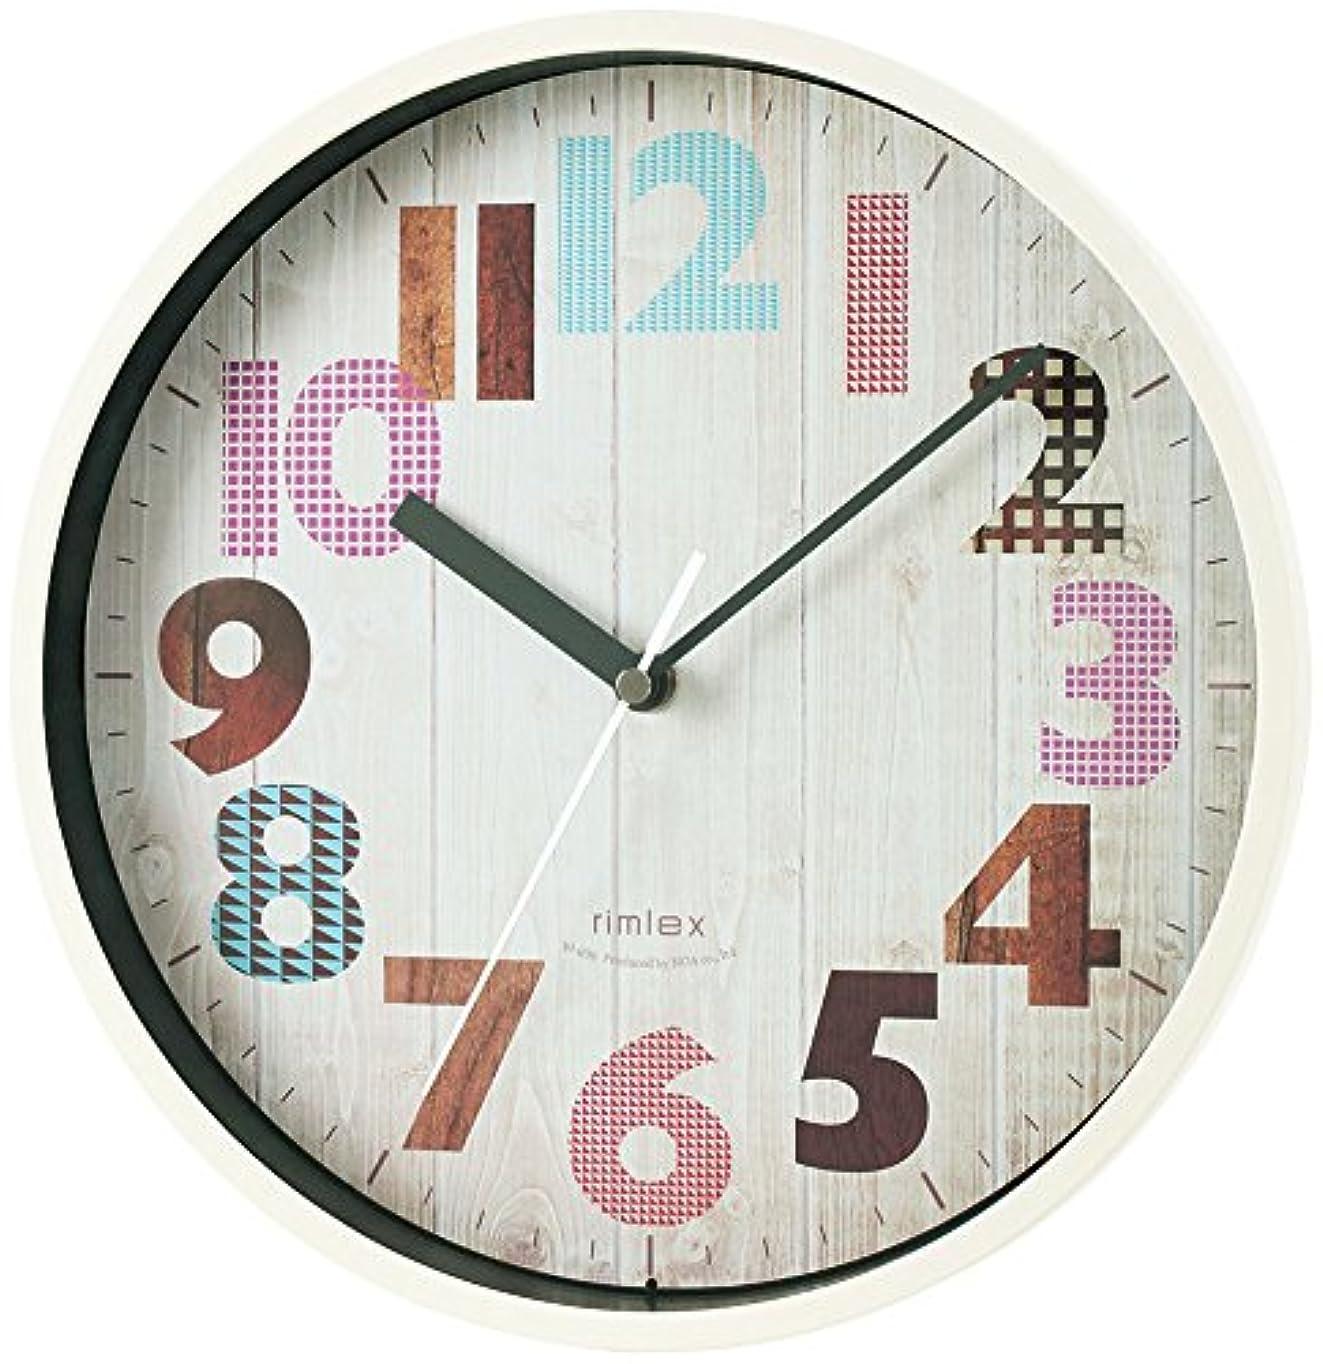 故国酔った実際のノア精密 rimlex ジーツ 電波時計 W-696 掛け時計 掛時計 壁掛け時計 壁掛時計 木目風 ヴィンテージ調 夜間秒針停止機能 ステップ秒針 おしゃれ